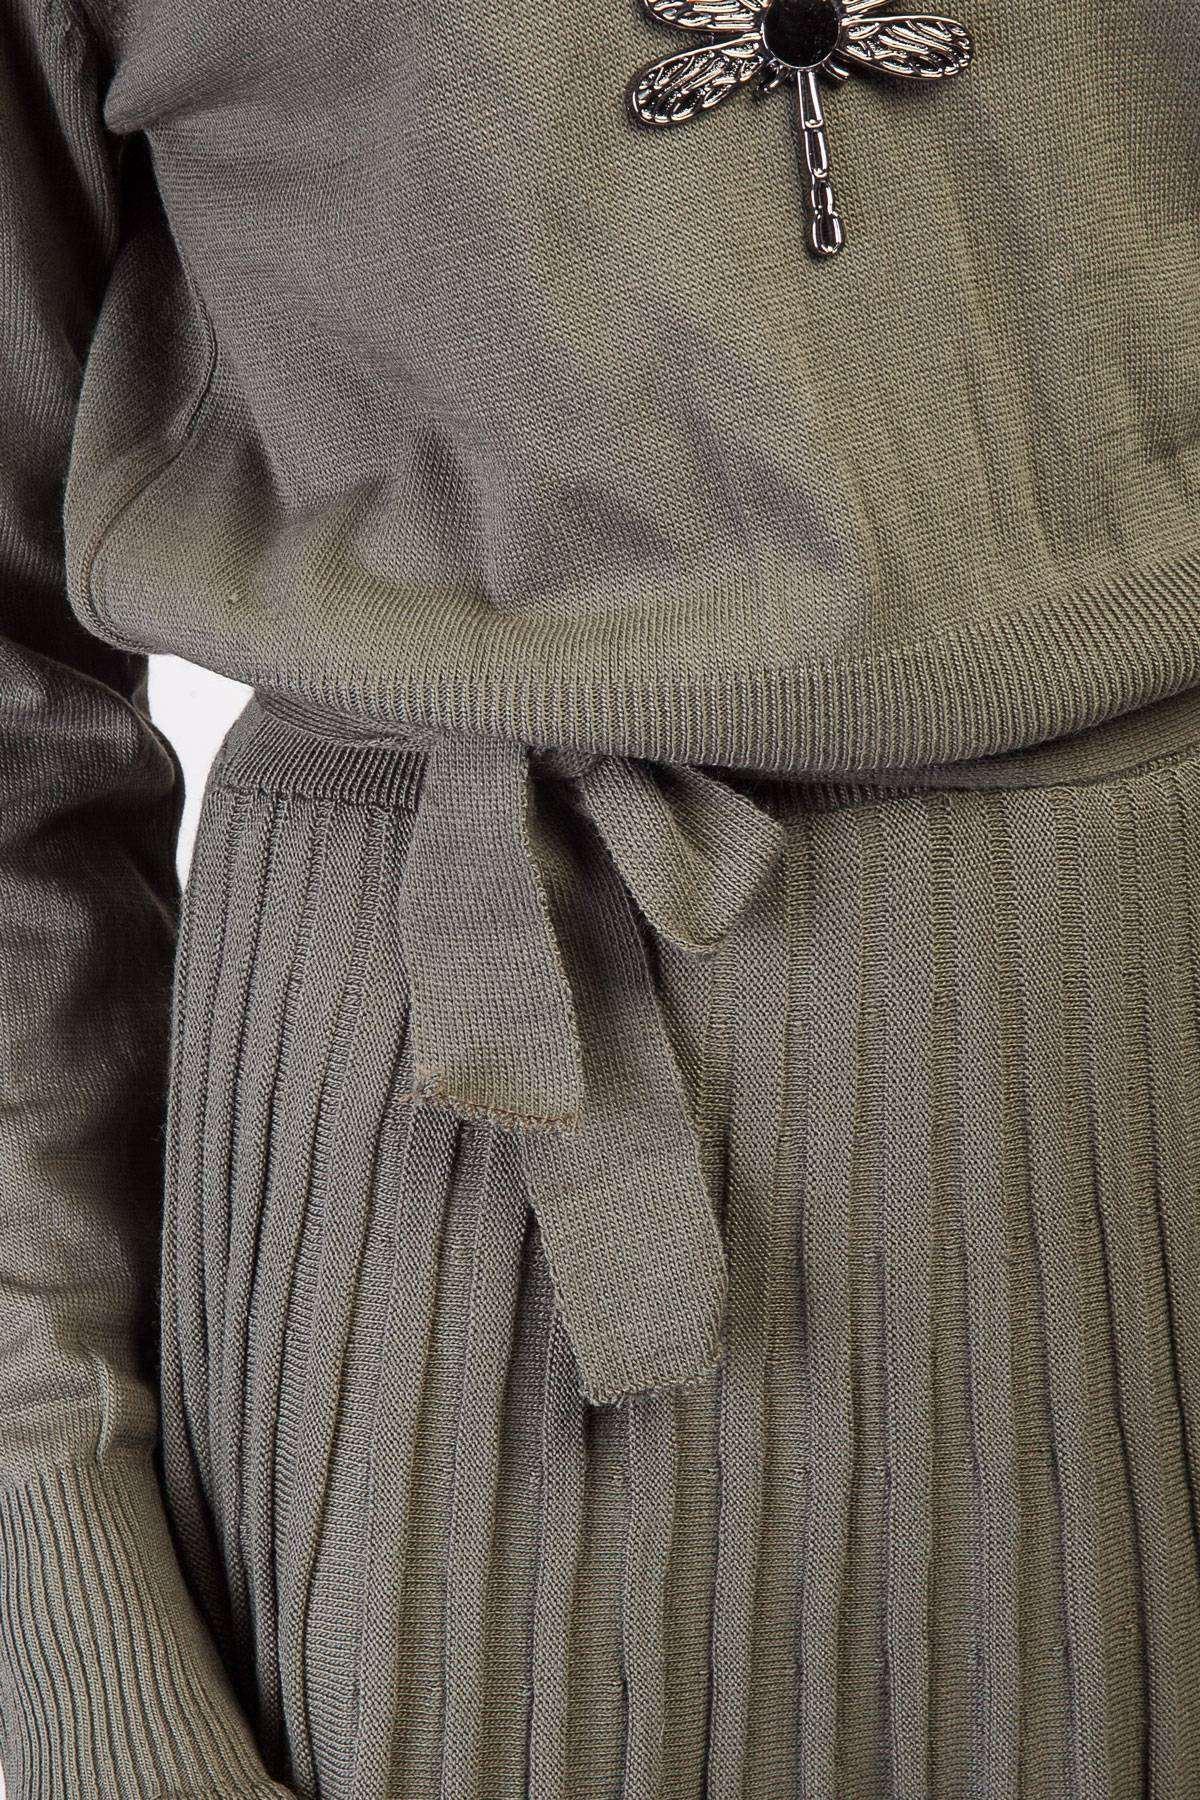 Yaka Kol Fırfırlı Eteği Pile Detaylı Triko Elbise Haki